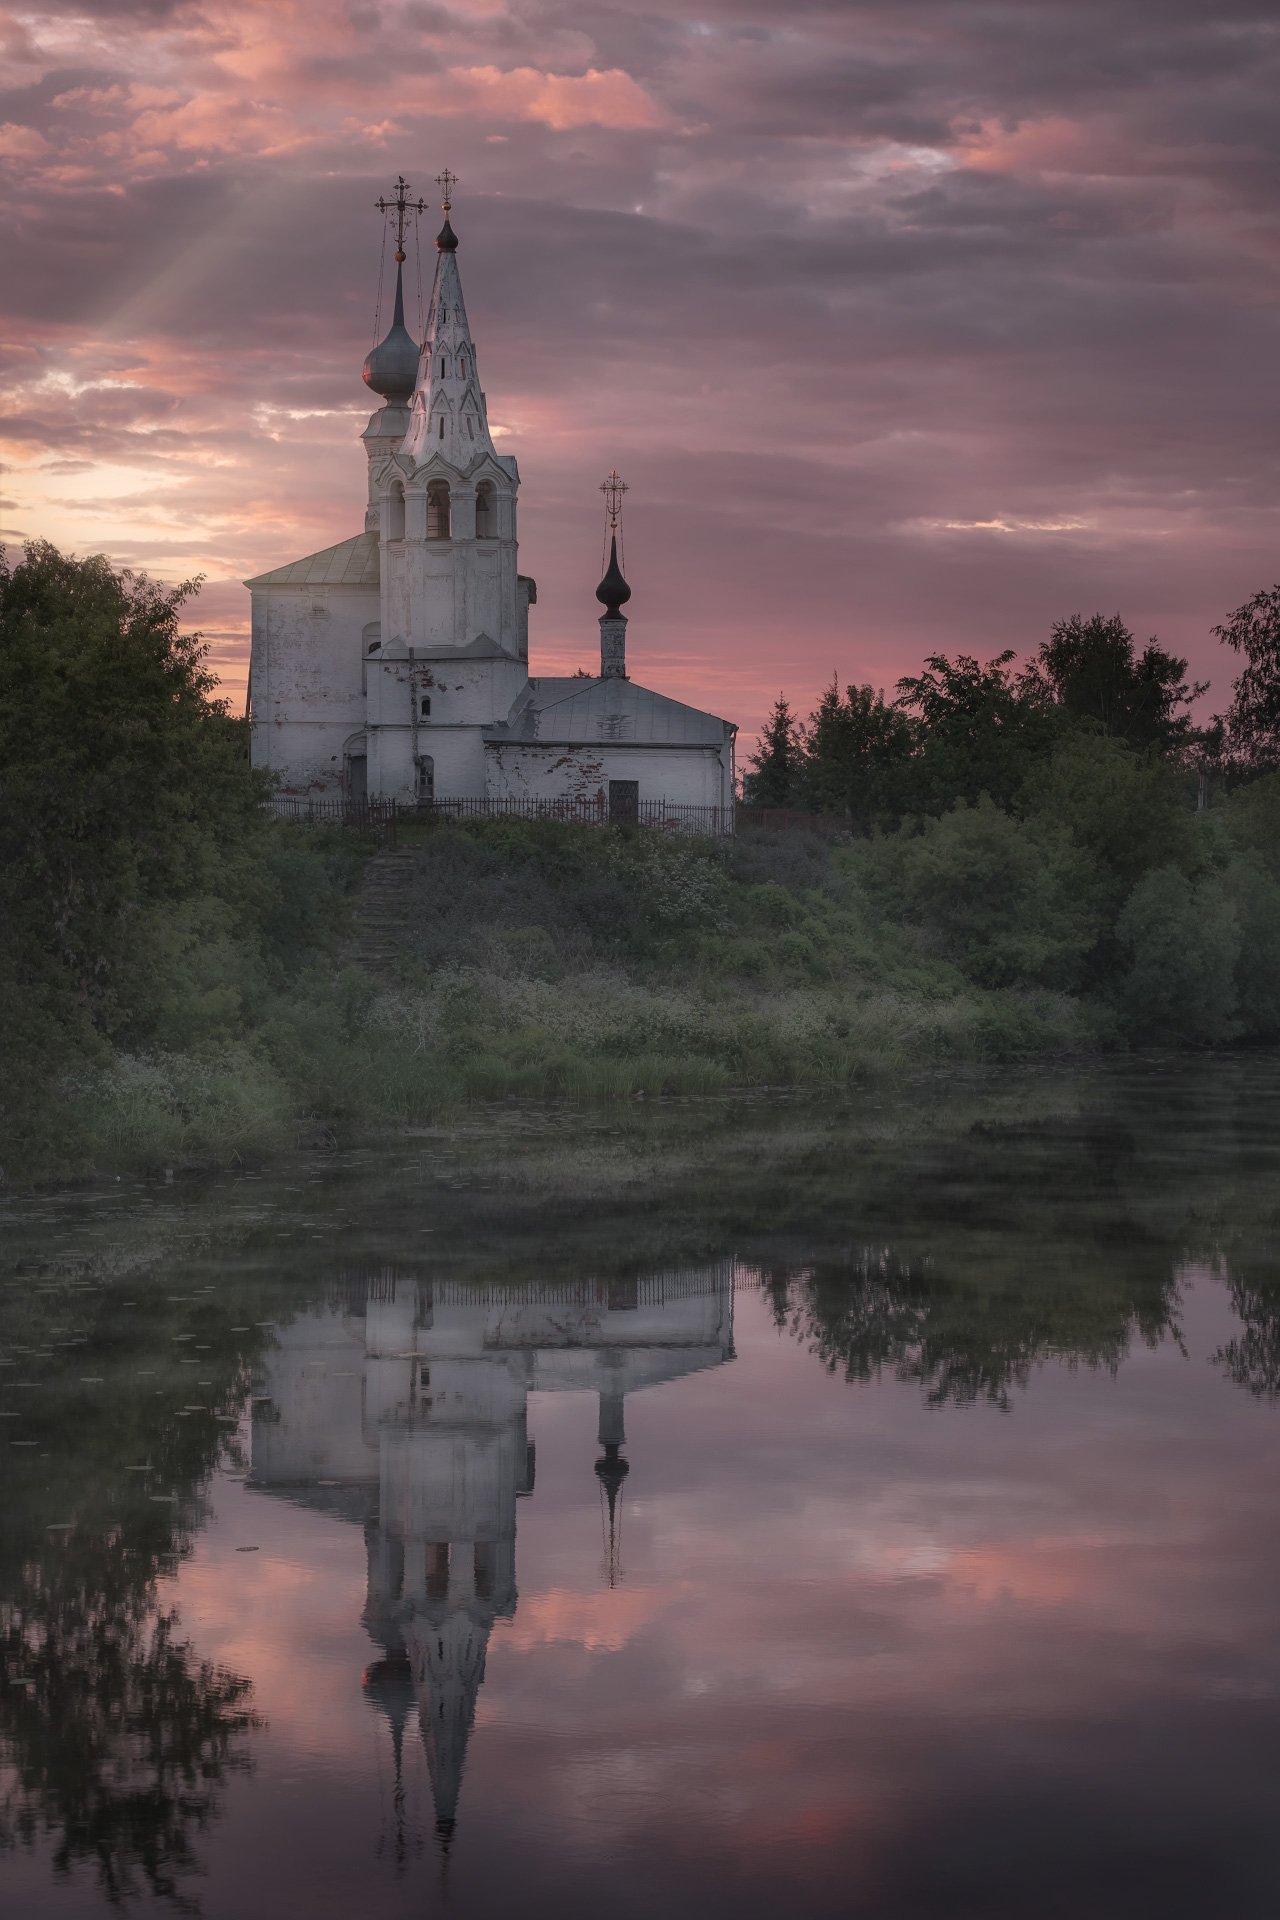 пейзаж, суздаль, каменка, река, церковь, утро, рассвет, Андрей Чиж